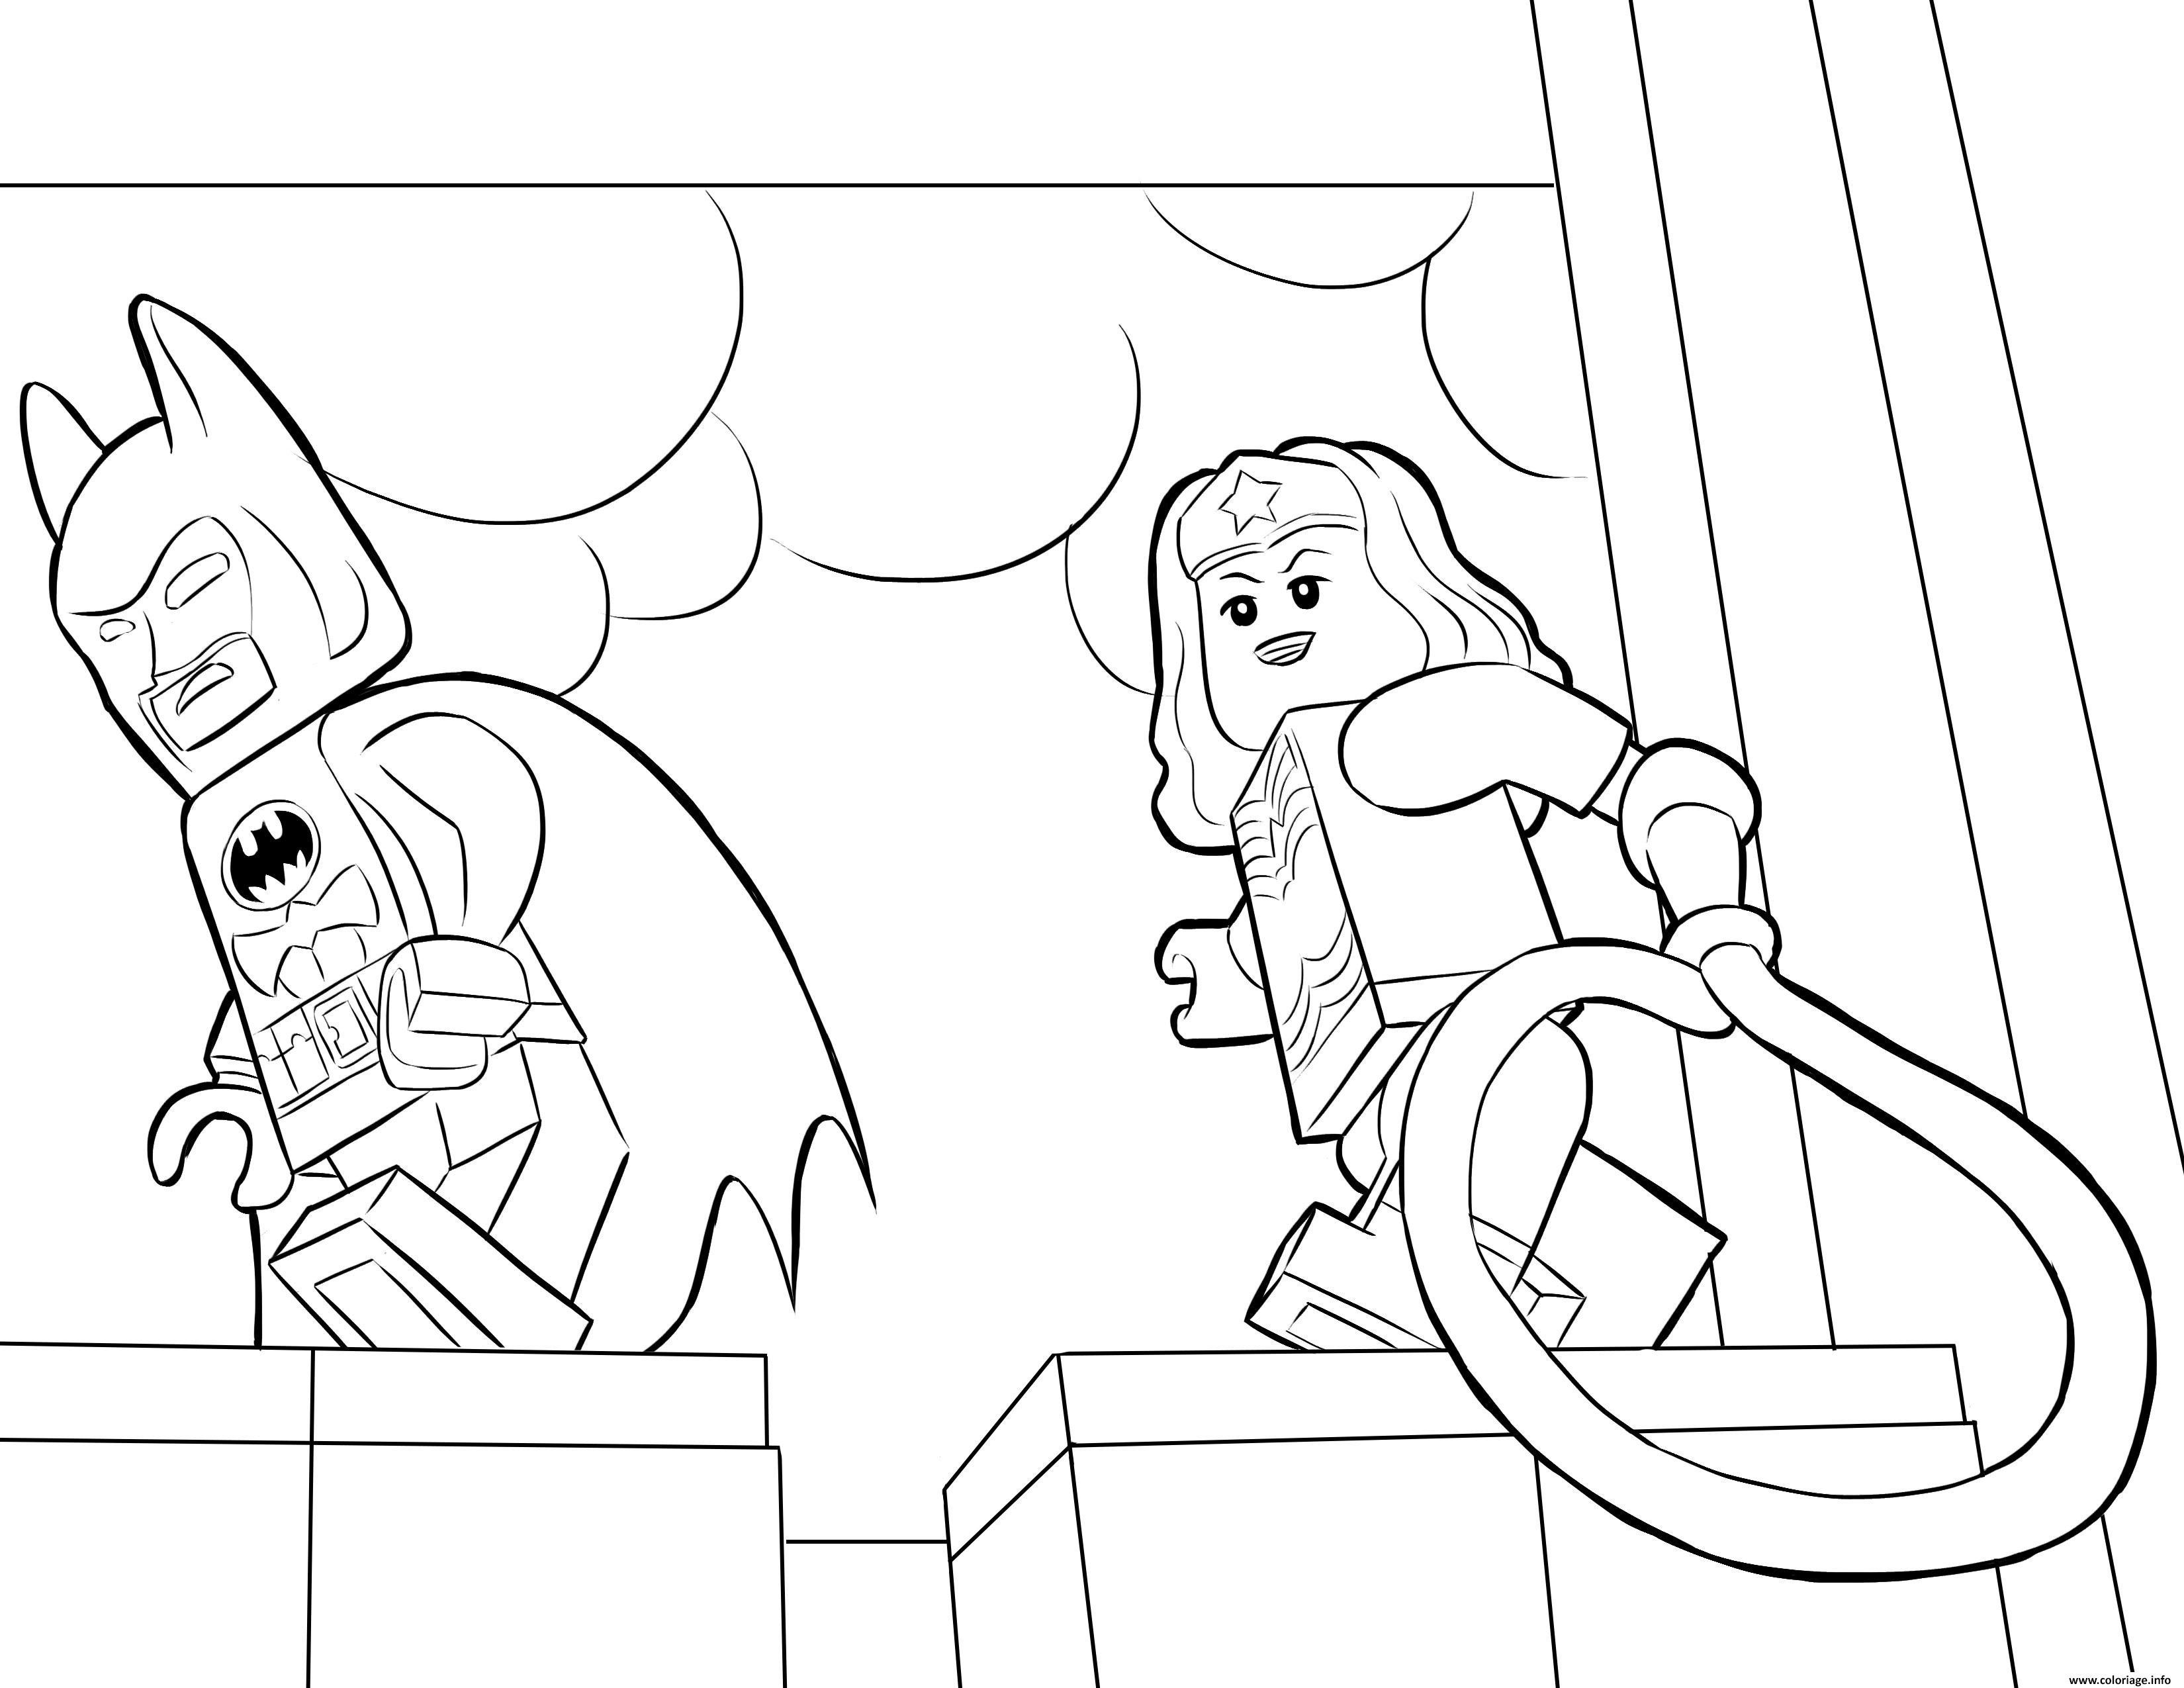 Dessin lego batman avec wonder woman Coloriage Gratuit à Imprimer